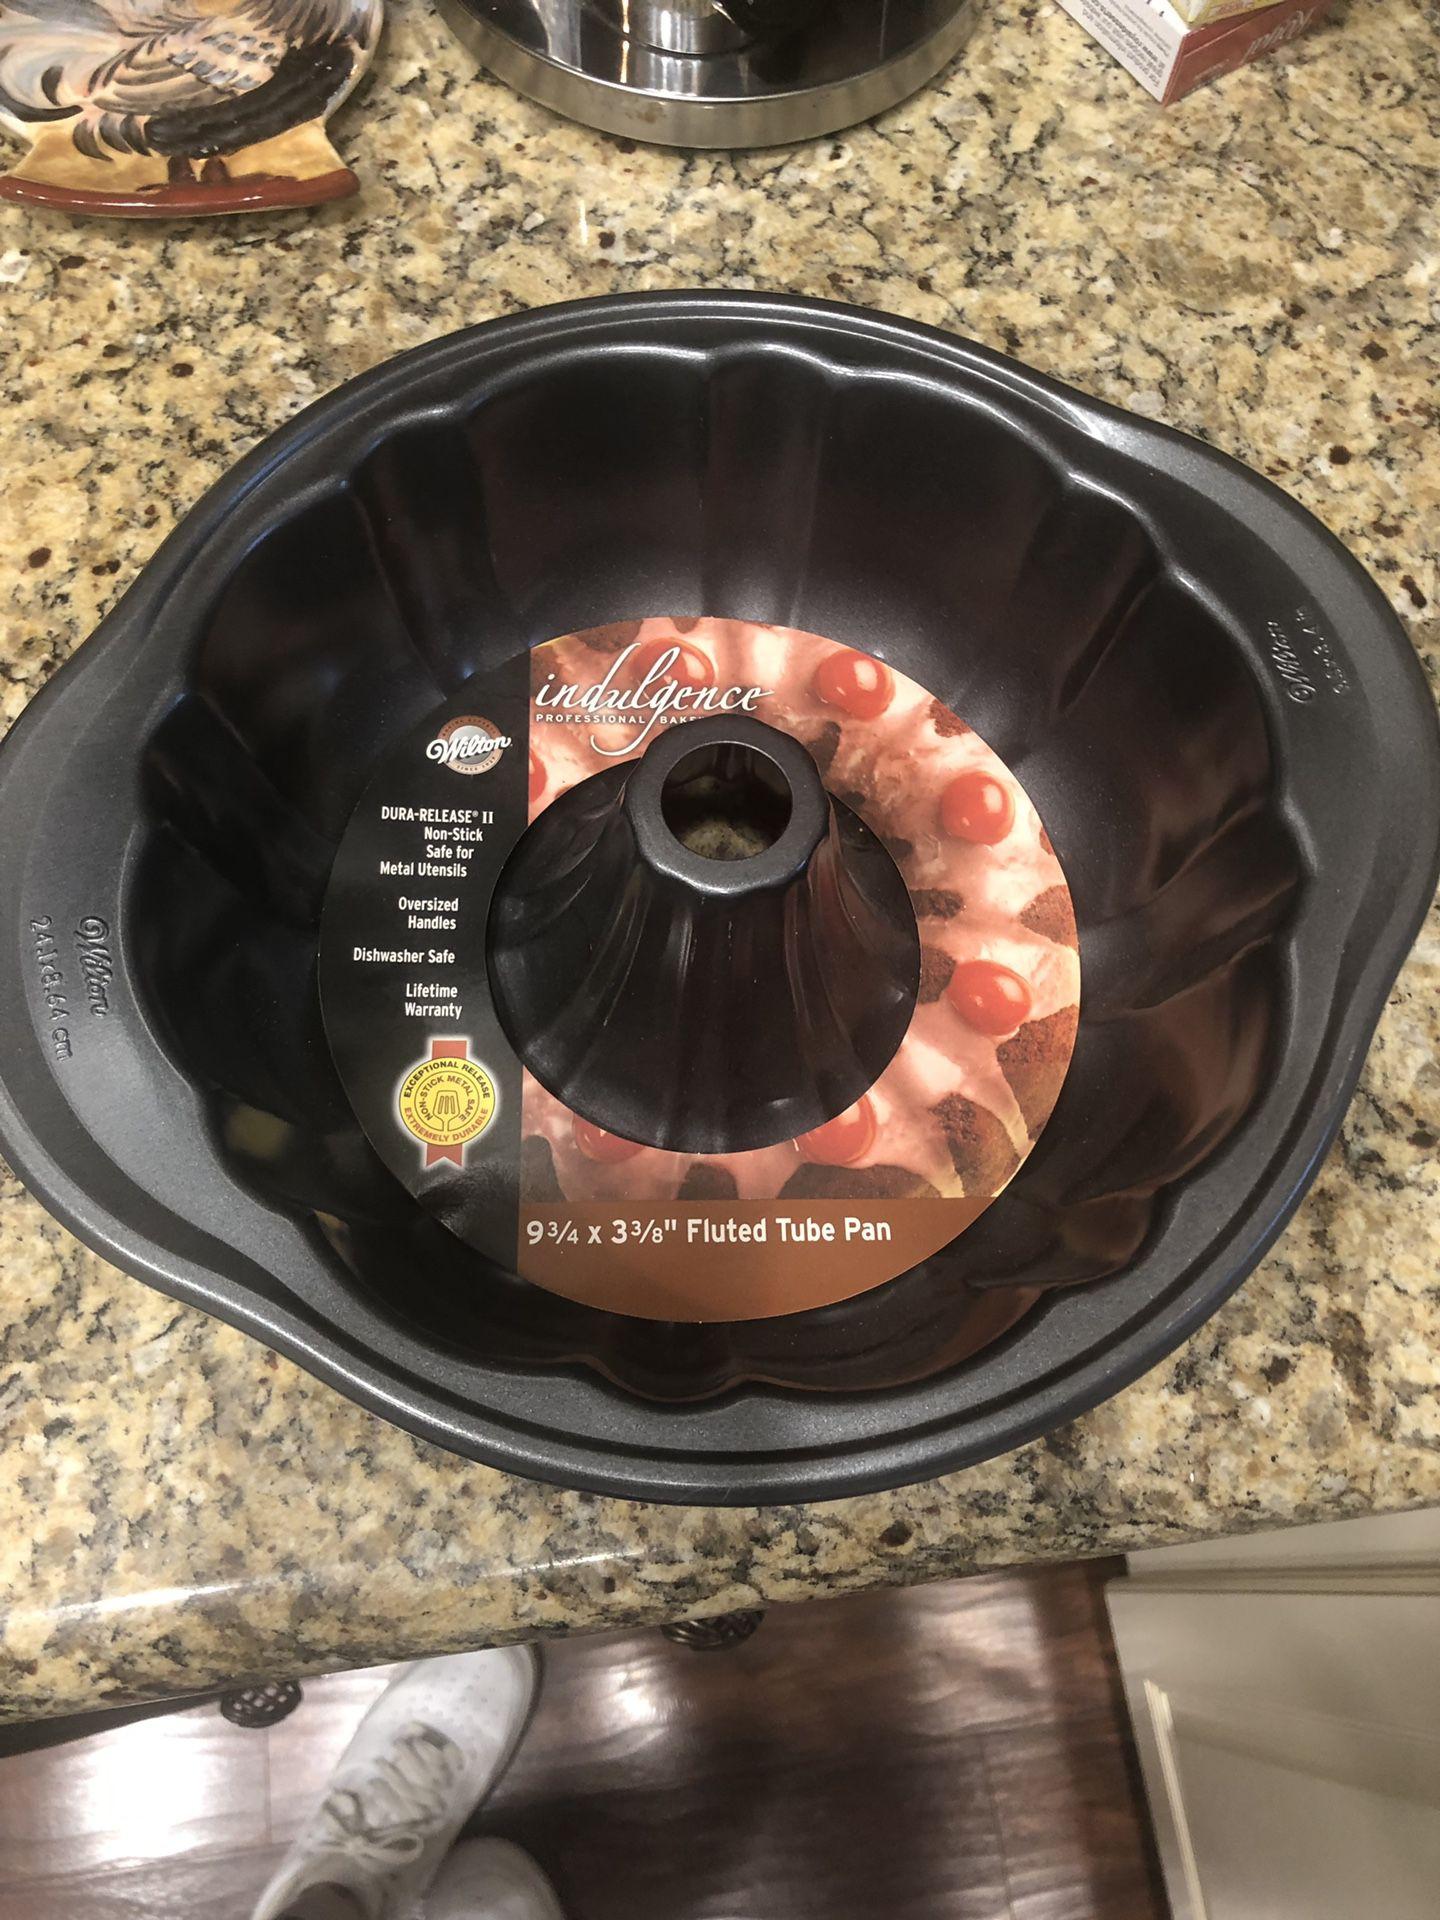 Wilton Bundt Pan for sale